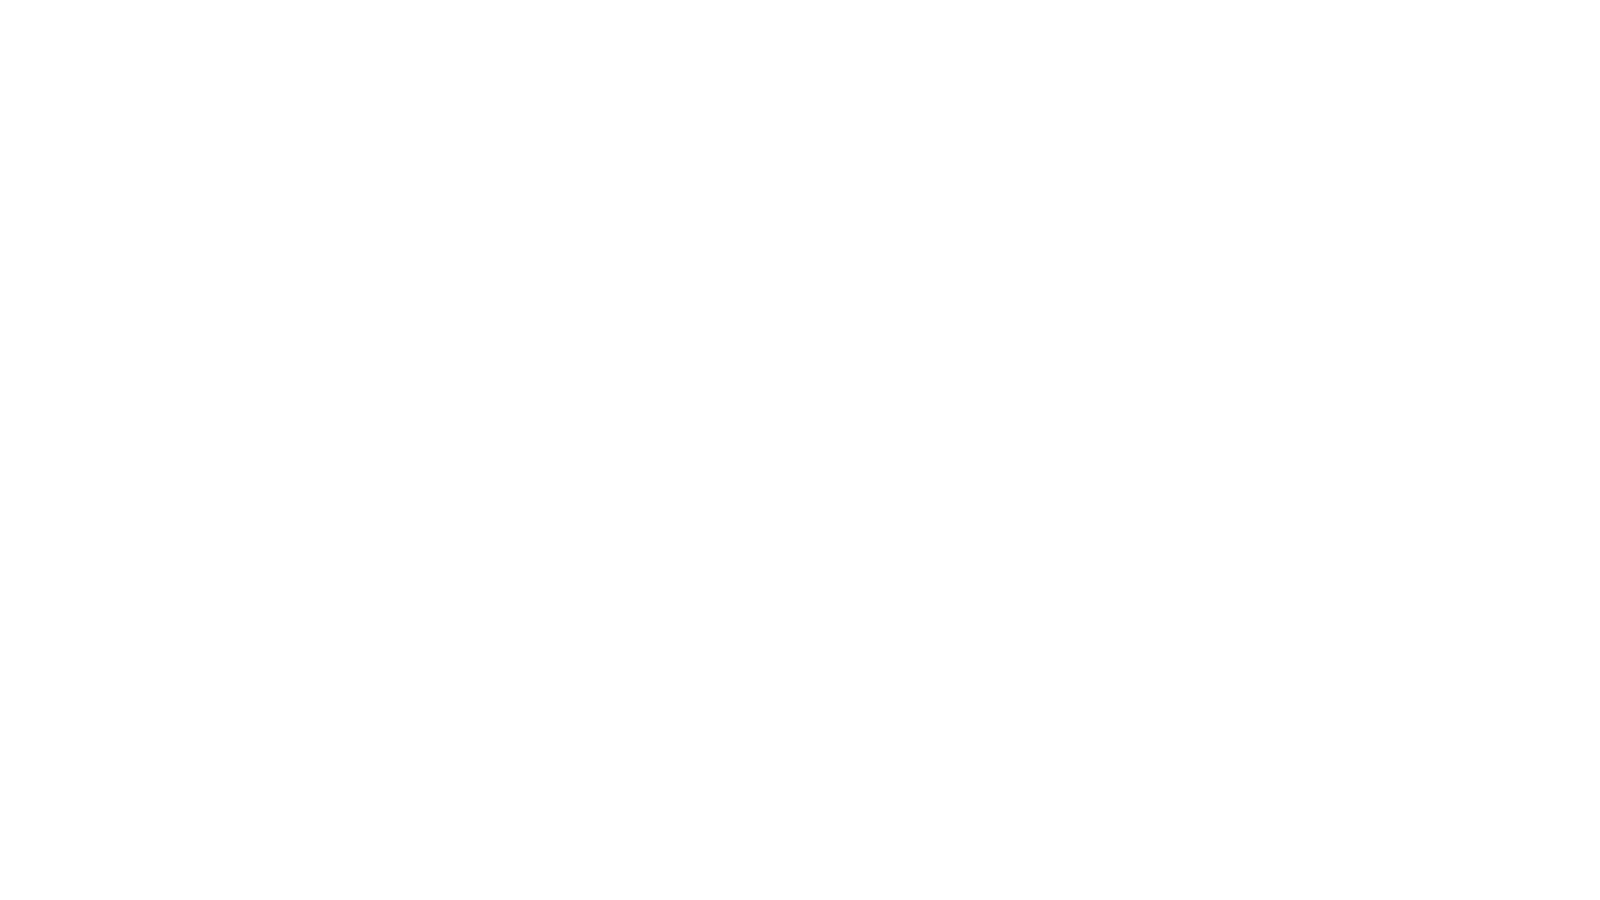 Casi 1500 españoles murieron en campos de concentración nazis.  ¿Cómo es eso posible si España no participó en la Segunda Guerra Mundial?  Sigue a Emi, Maria, Irene y Lucía, estudiantes de 4º de ESO del IES Grupo Cántico, a través de una investigación que les llevará desde un monumento que descubren en su barrio hasta la ciudad alemana de Nuremberg.    Documental educativo sobre el Memorial a los cordobeses asesinados en Mauthausen en Valdeolleros. Realizado por alumnas del IES Grupo Cántico y la dirección de Rafael González Requena. Edición de Juan Antonio Gavilán.   Fue estrenado el 15 de mayo de 2019 en el Centro Cívico Norte de Córdoba.